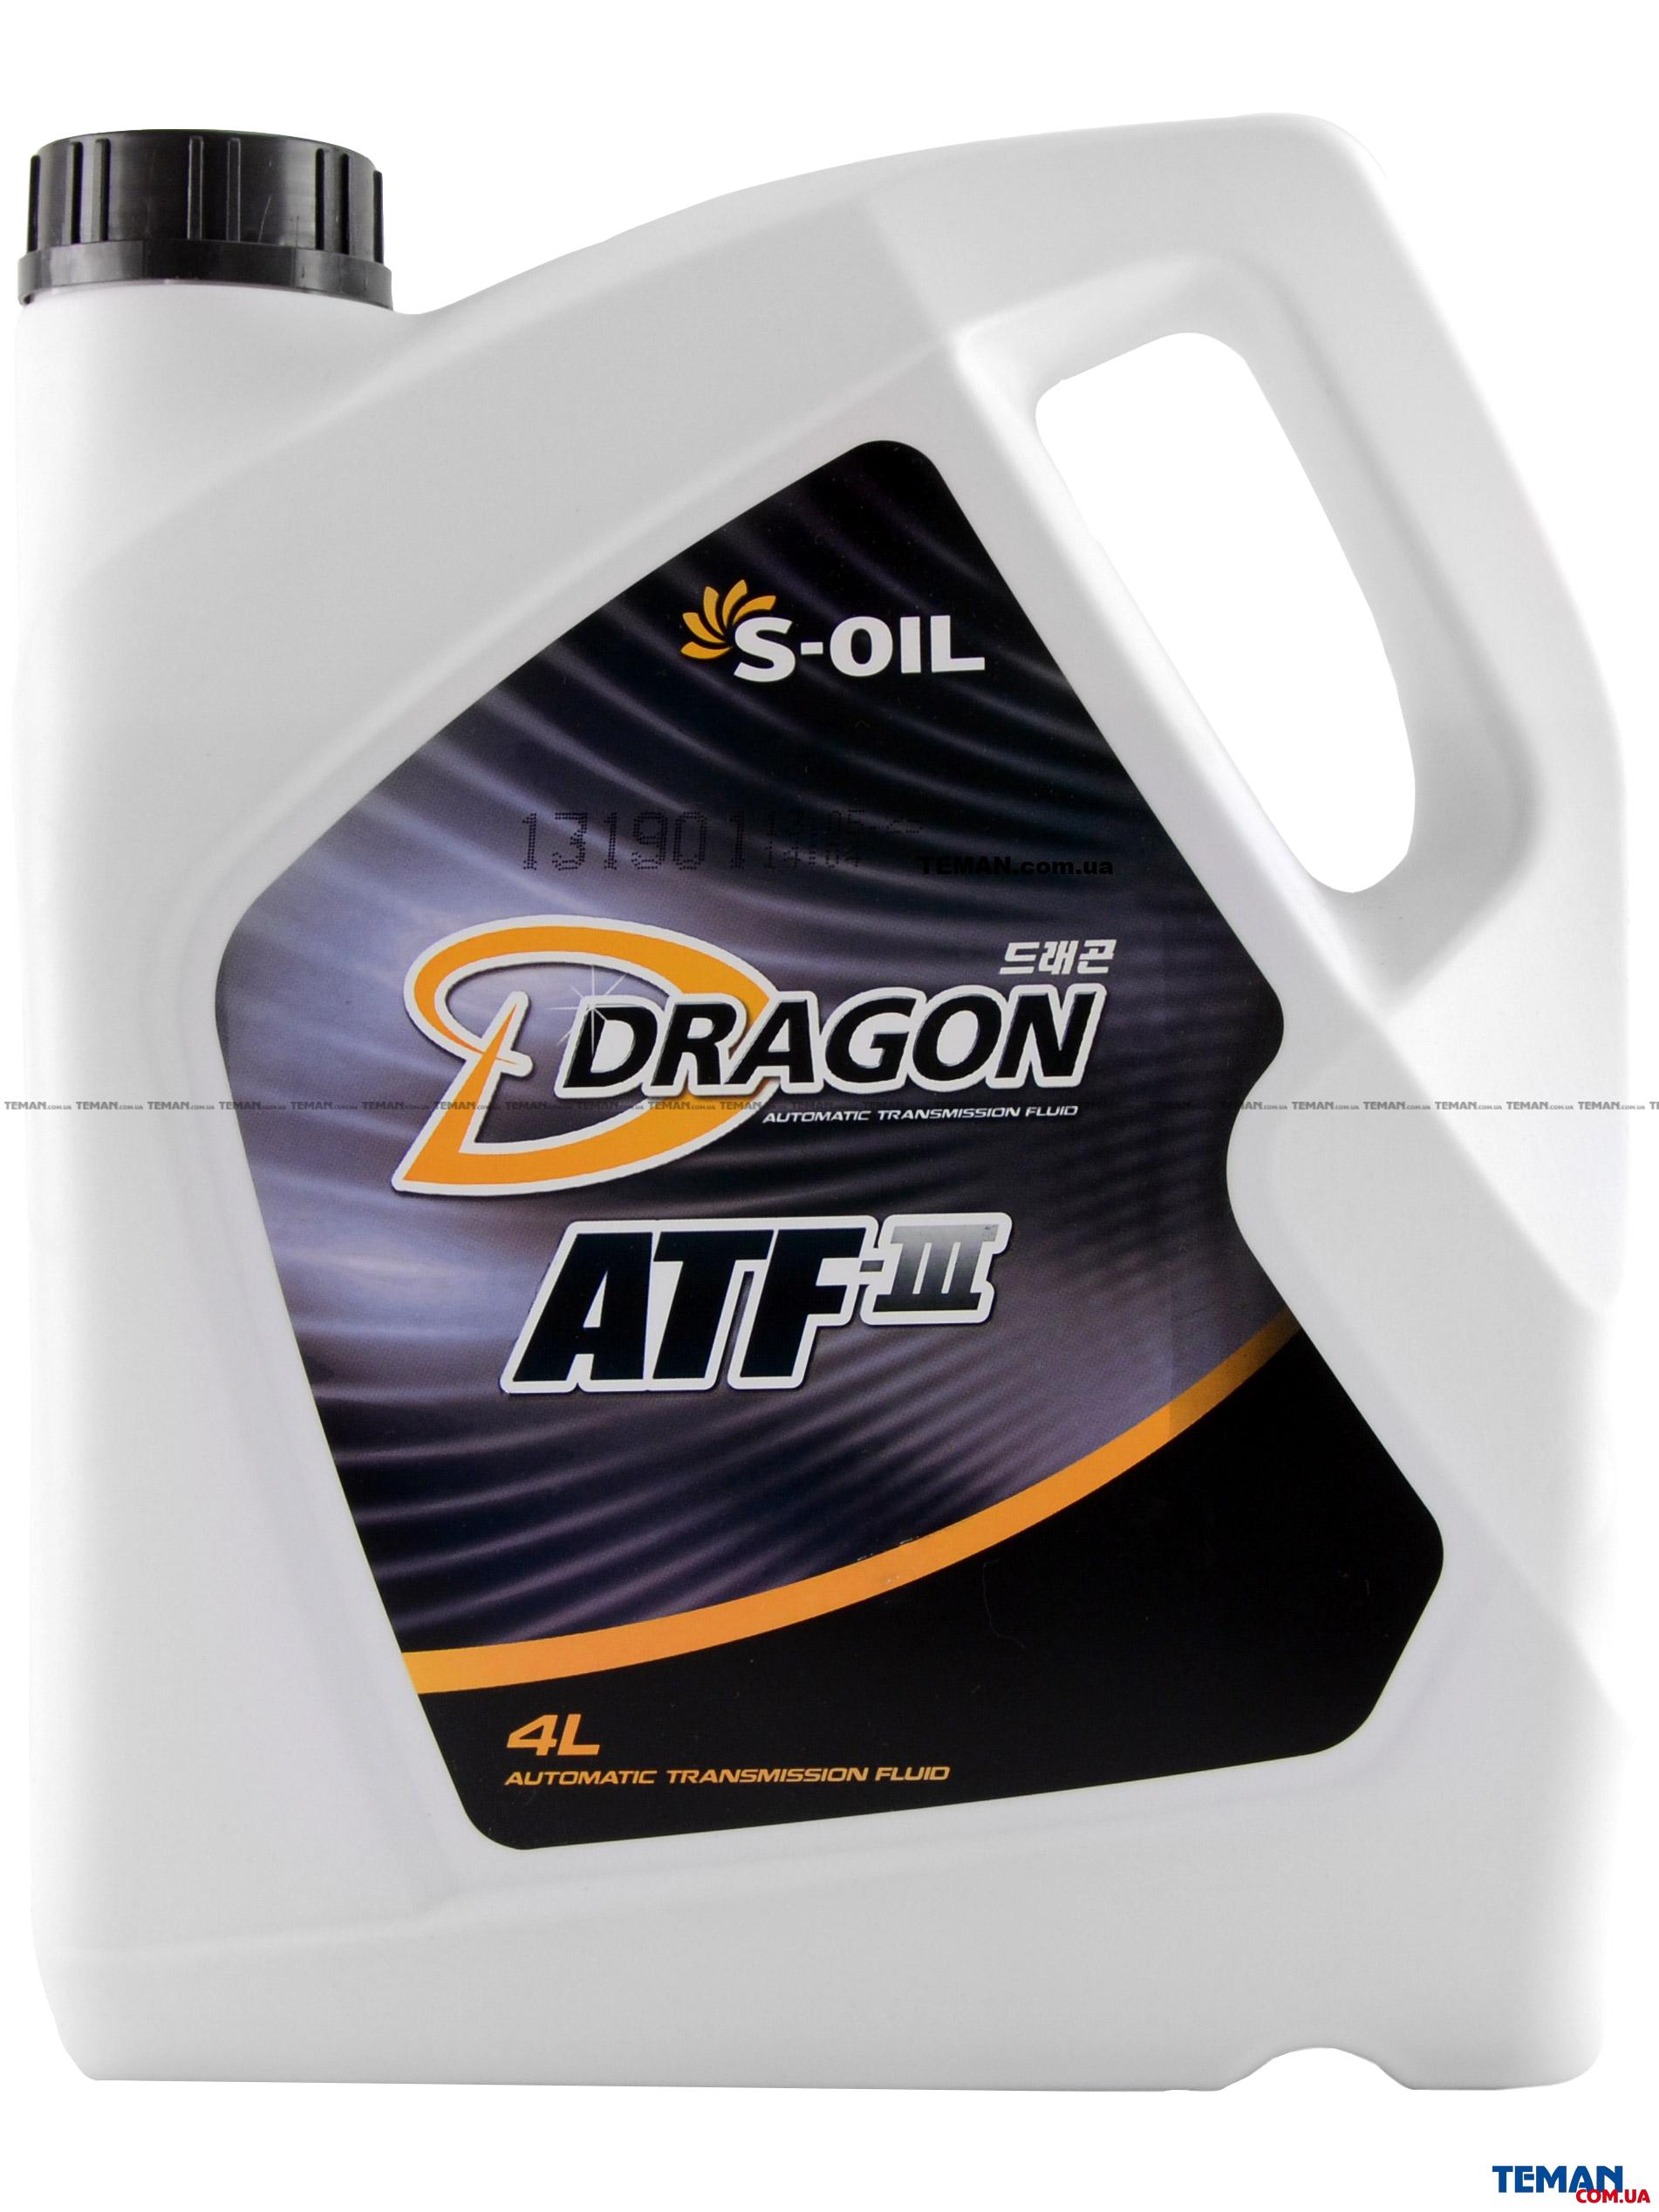 Синтетическое трансмисионное масло DRAGON ATF III,4 л